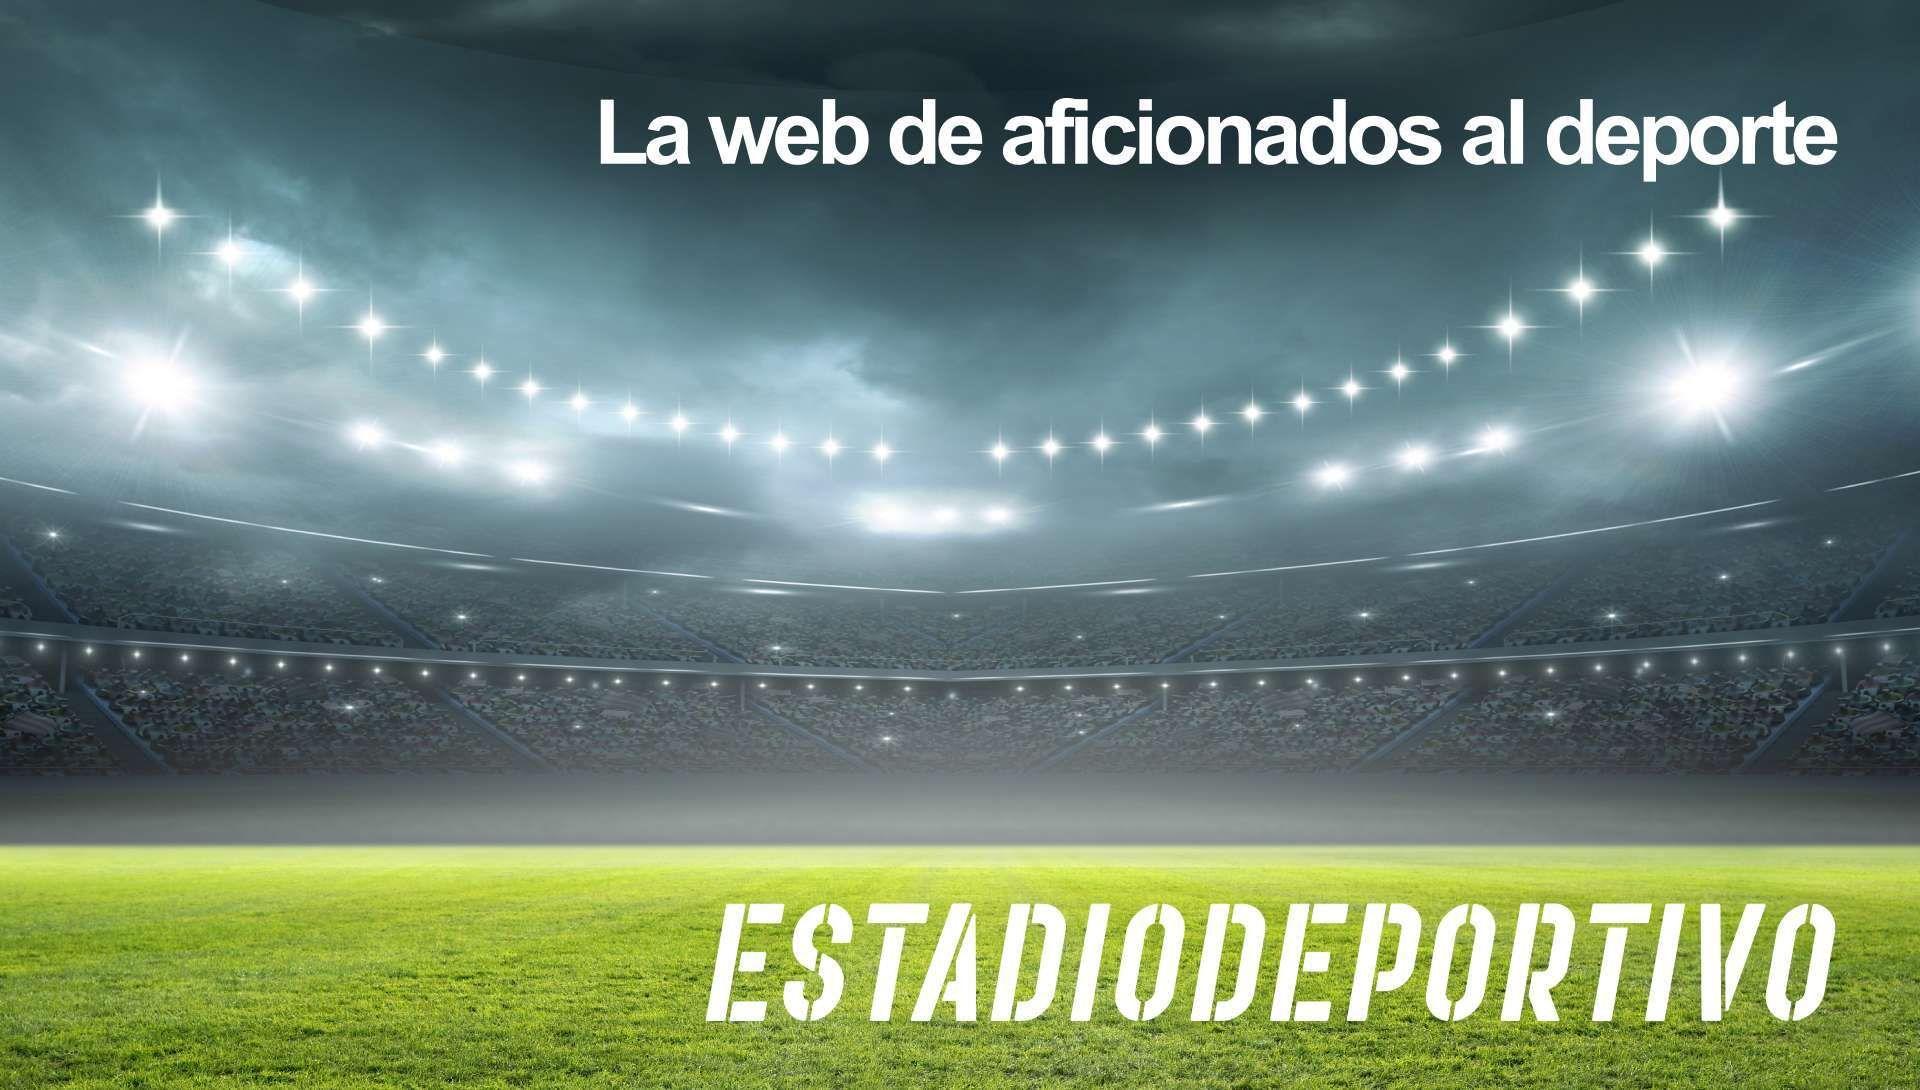 Las portadas del martes 13 de abril